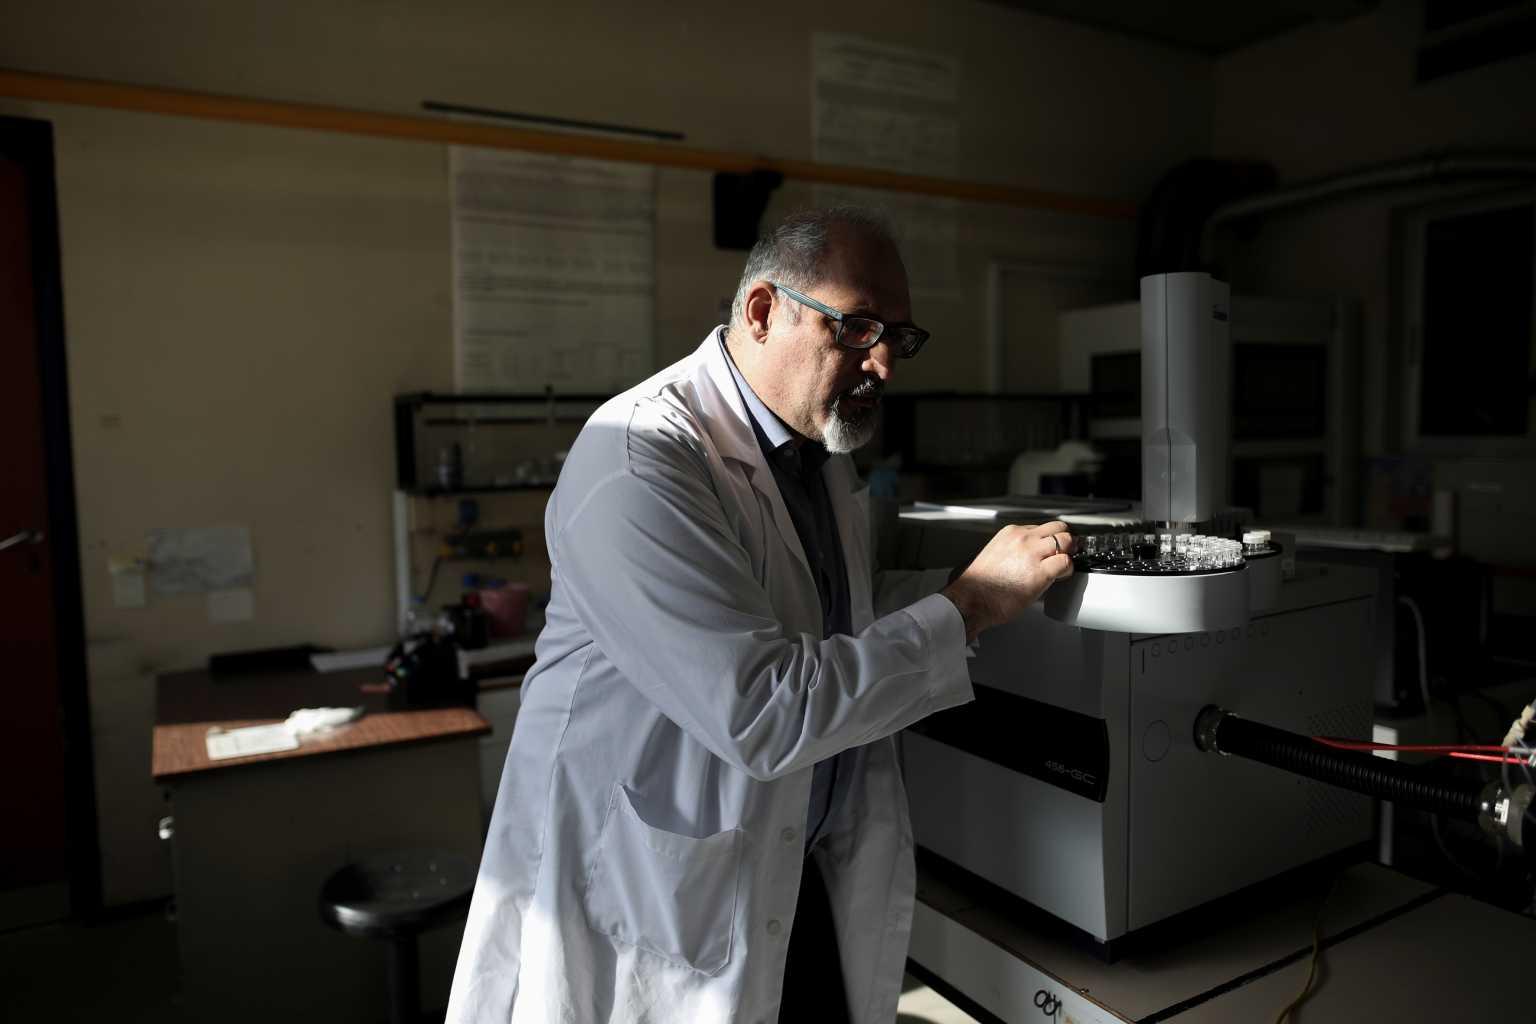 Θωμαΐδης: Μην μιλάμε για άνοιγμα! Το ιικό φορτίο είναι ψηλά σε όλη την χώρα